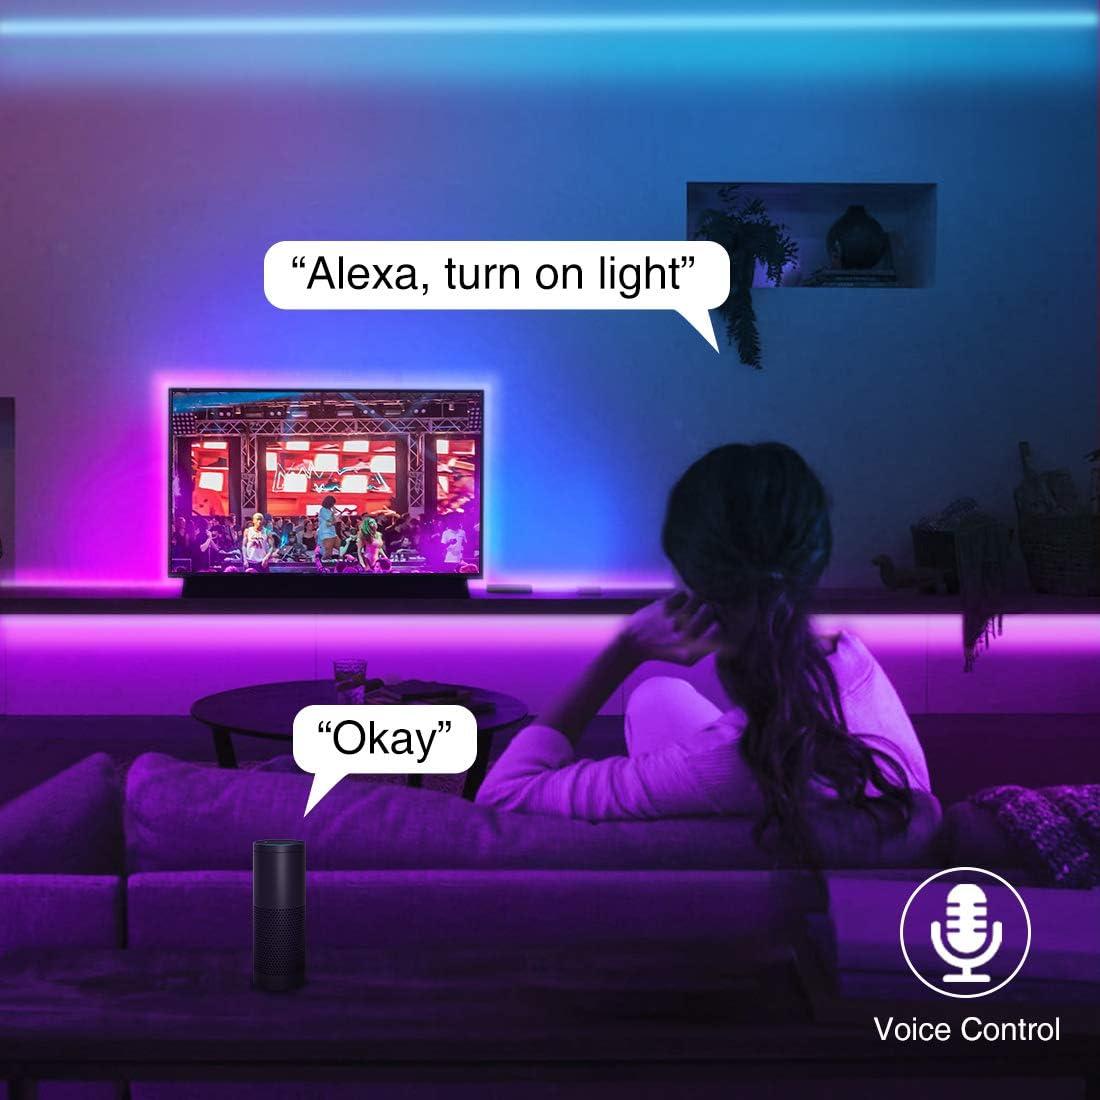 Bande R/églable Multicolore Alexa Google Home D/écoration Int/érieur No/ël Maison F/ête Soir/ée Bar Onforu 20M Ruban LED Wifi Intelligent RGB Smart T/él/éphone APP Android IOS 600 LEDs 5050